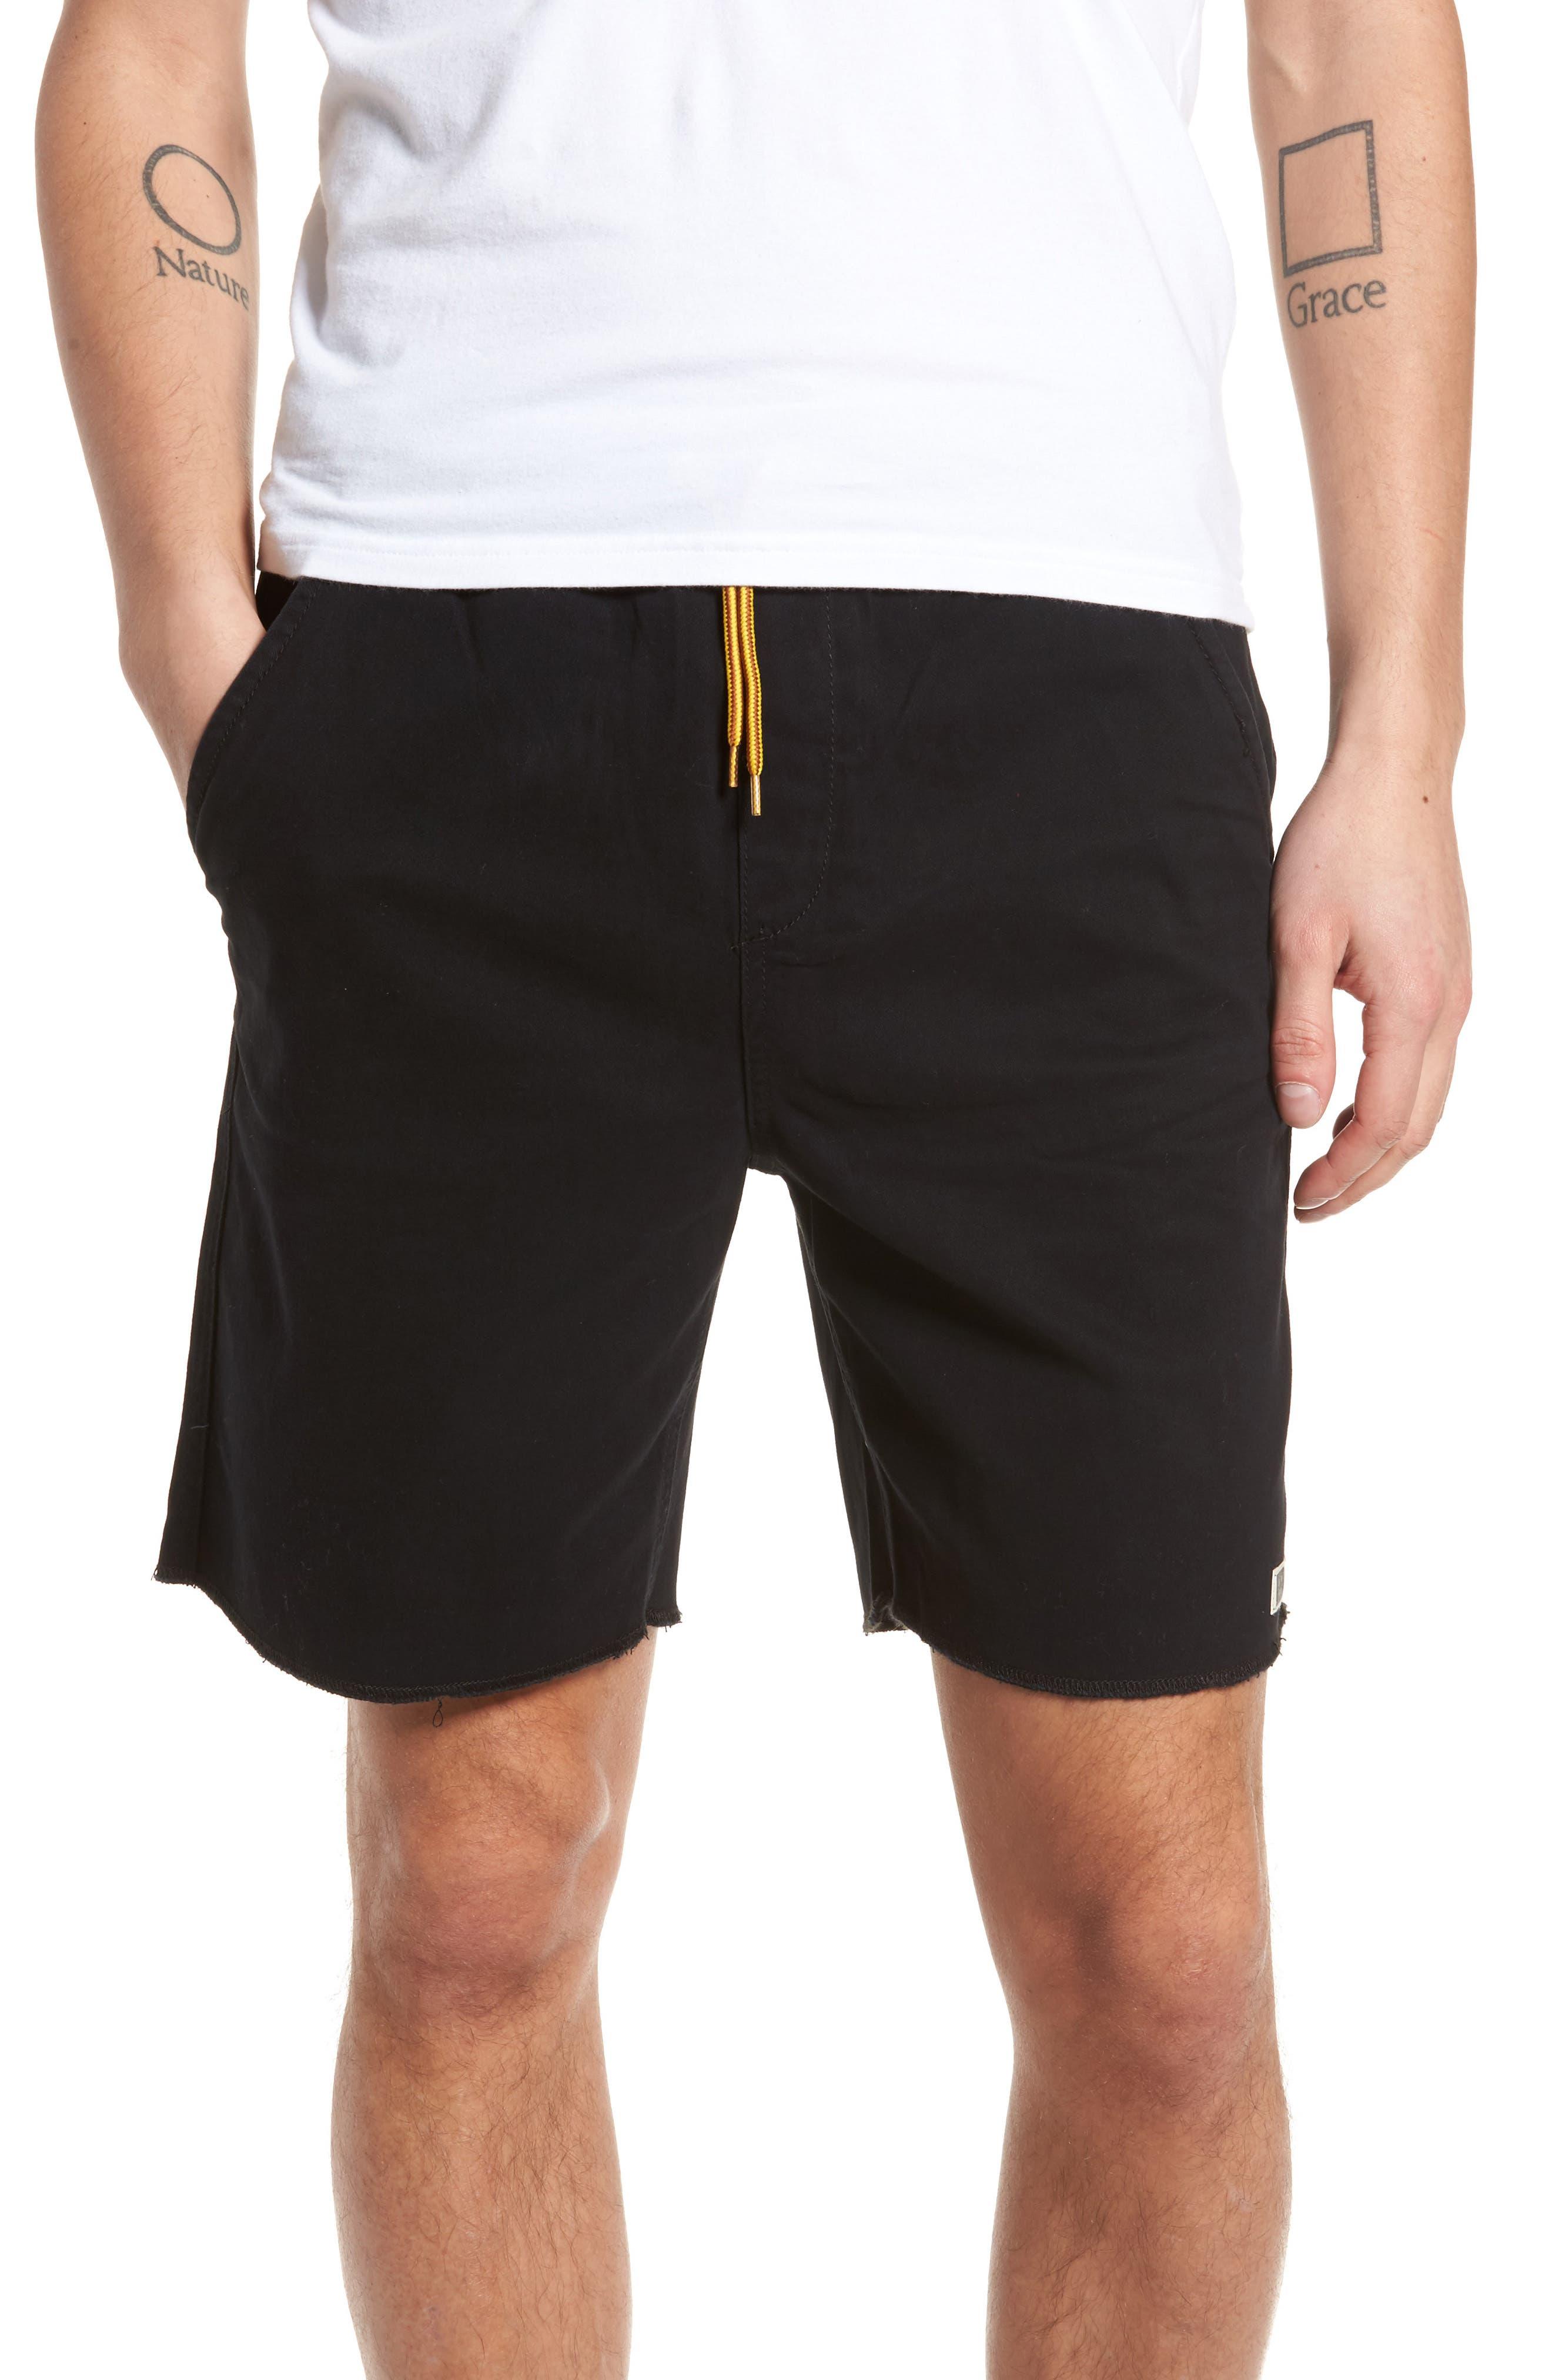 LIRA CLOTHING Weekday Shorts, Main, color, 001